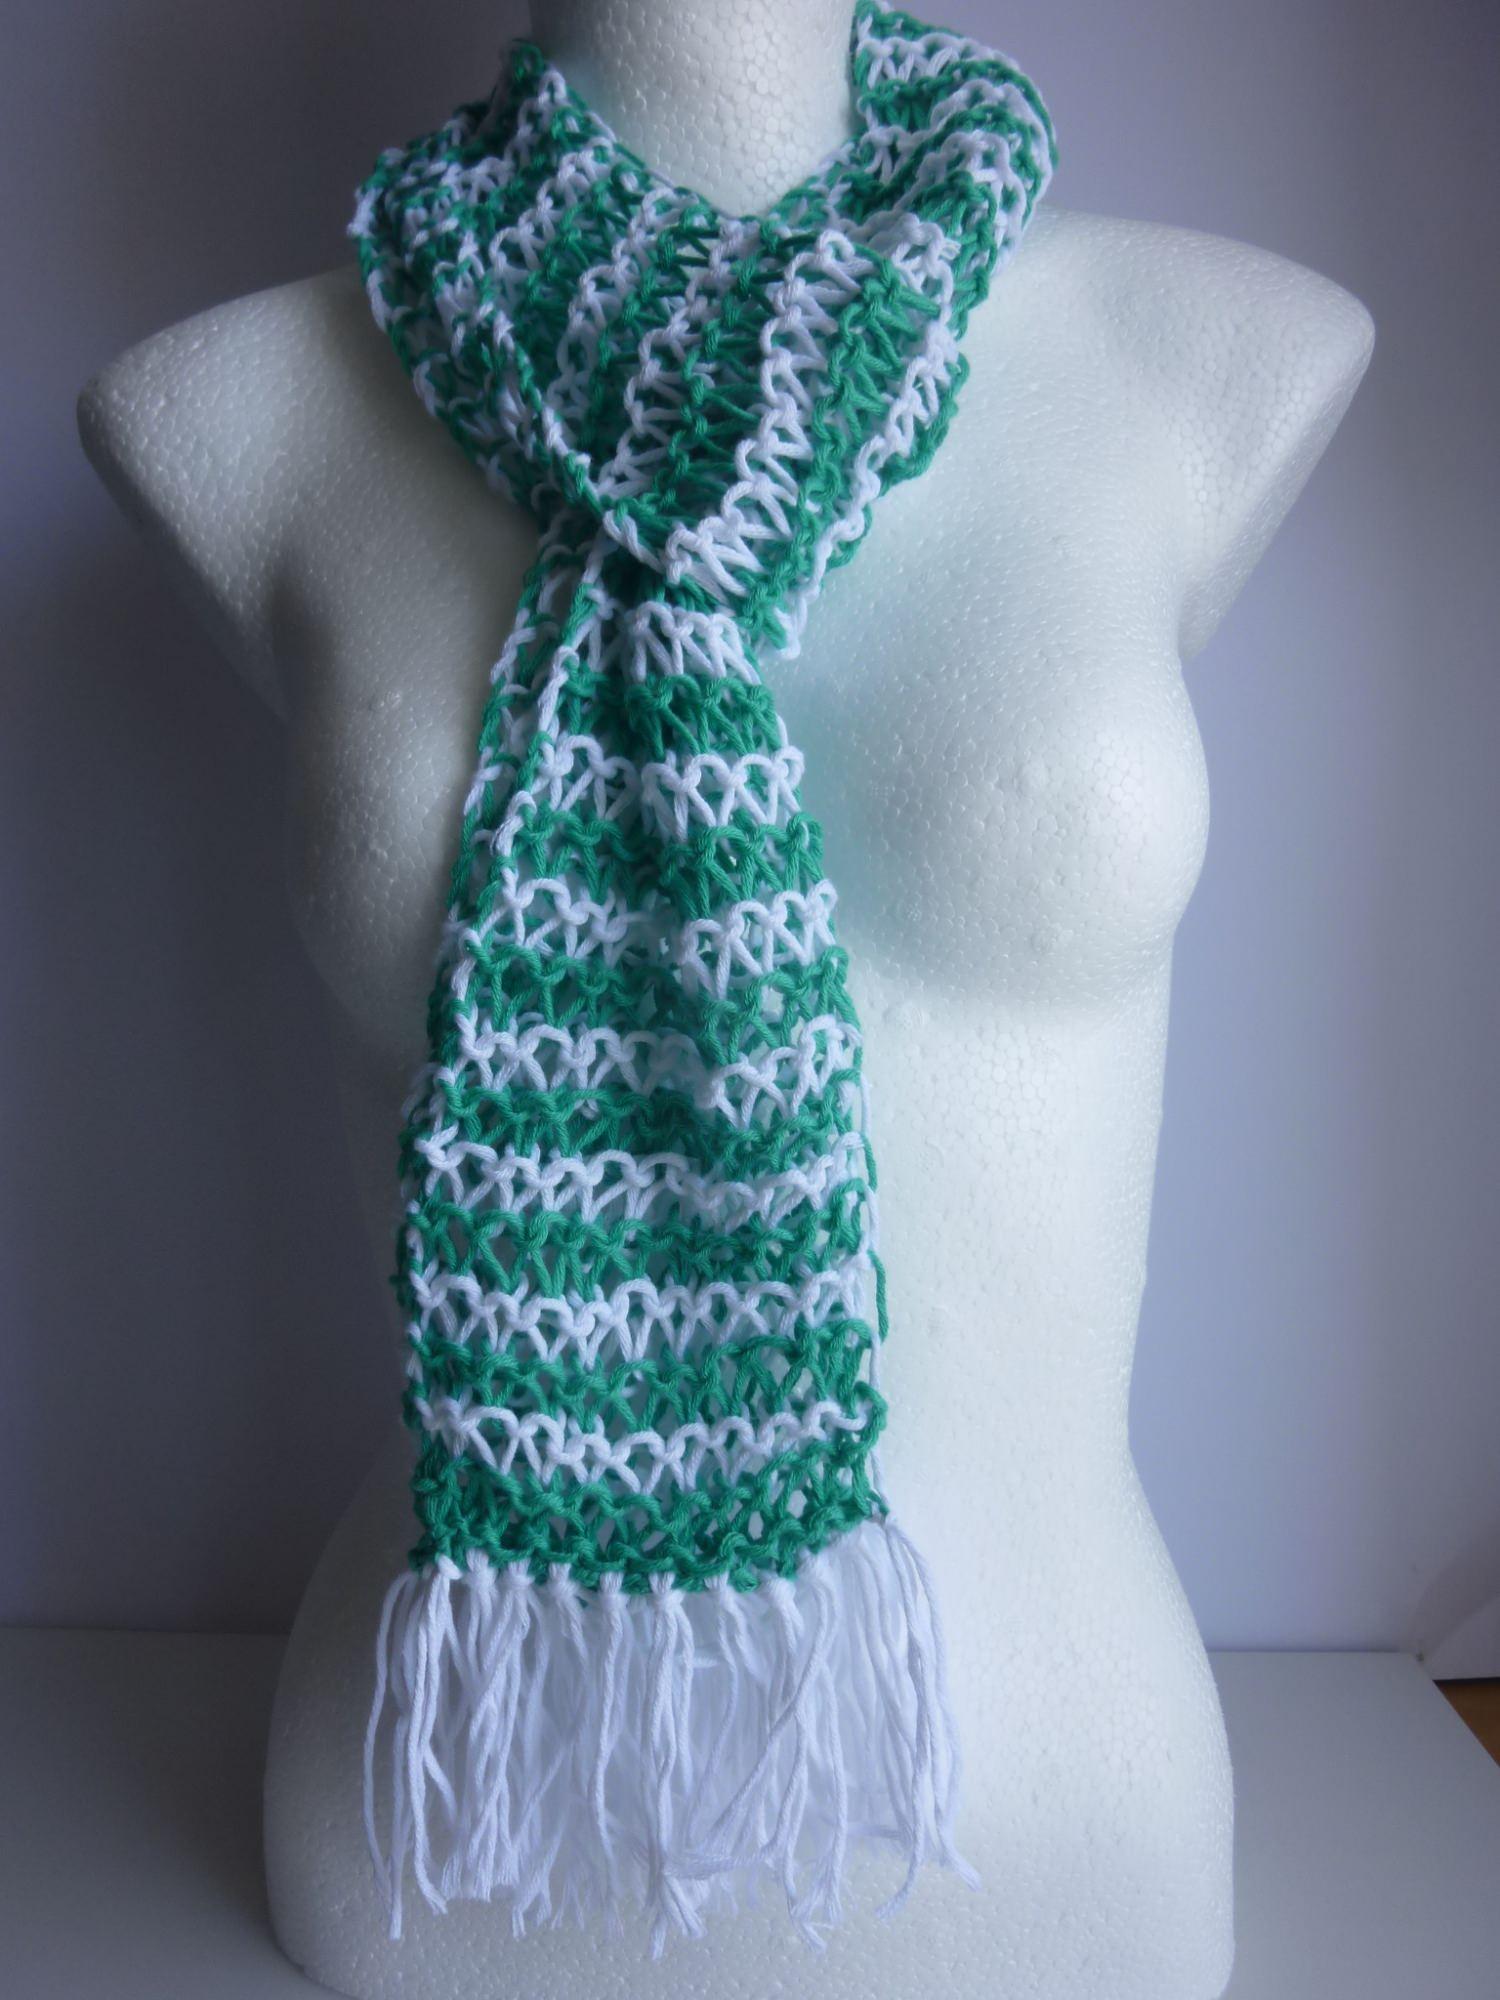 - Sommerschal weiß smaragd gestreift Baumwolle Bio handgestrickt - Sommerschal weiß smaragd gestreift Baumwolle Bio handgestrickt